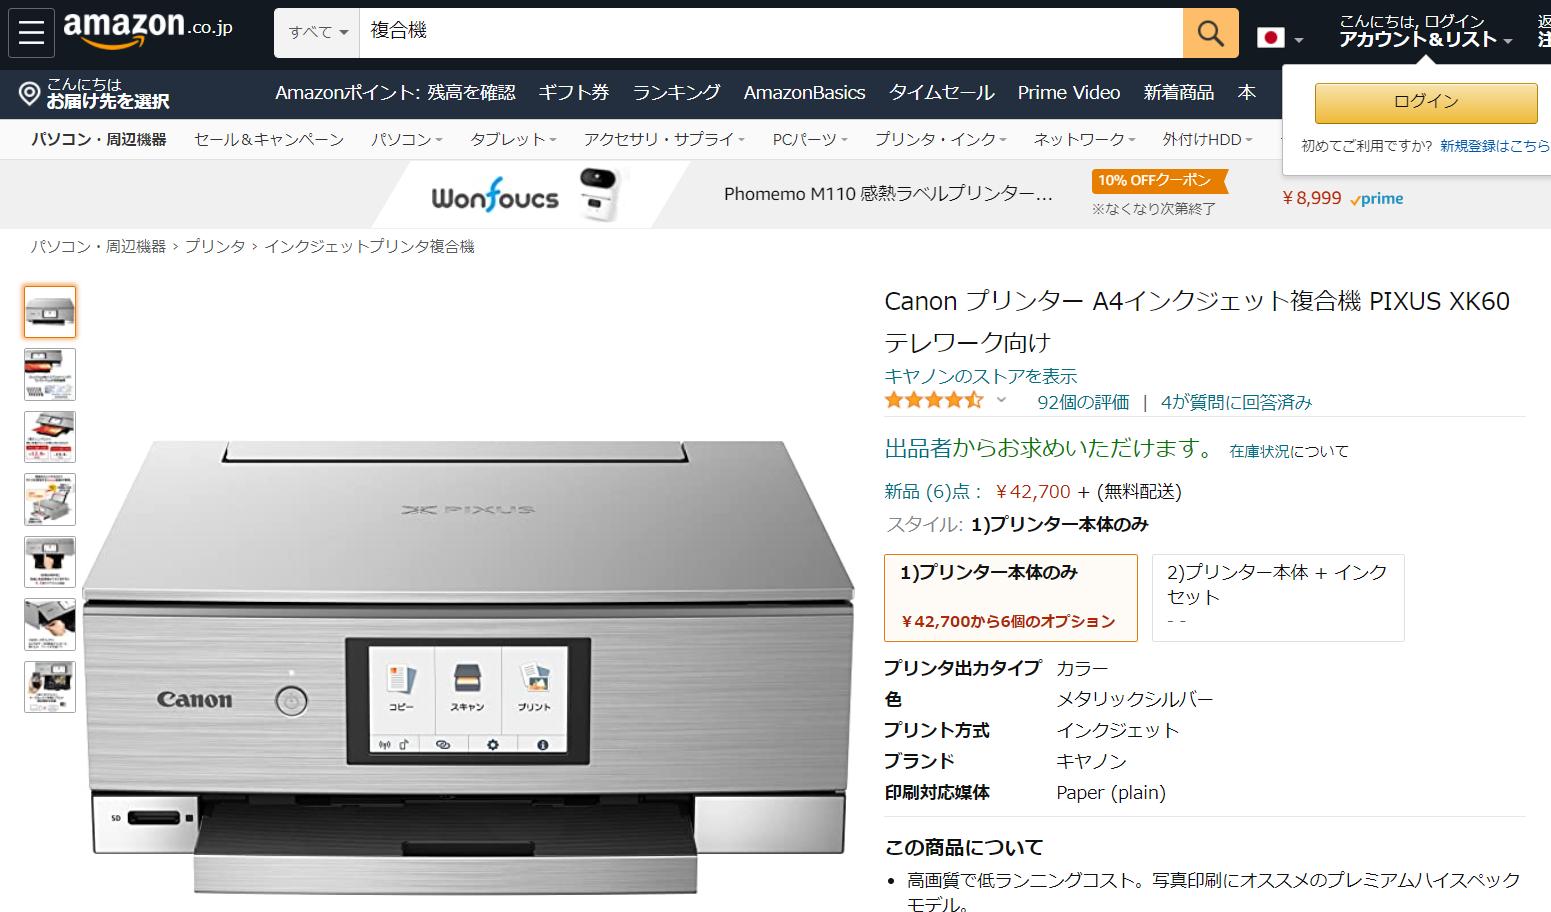 テレワーク向けの高性能複合機「Canon PIXUS XK60」